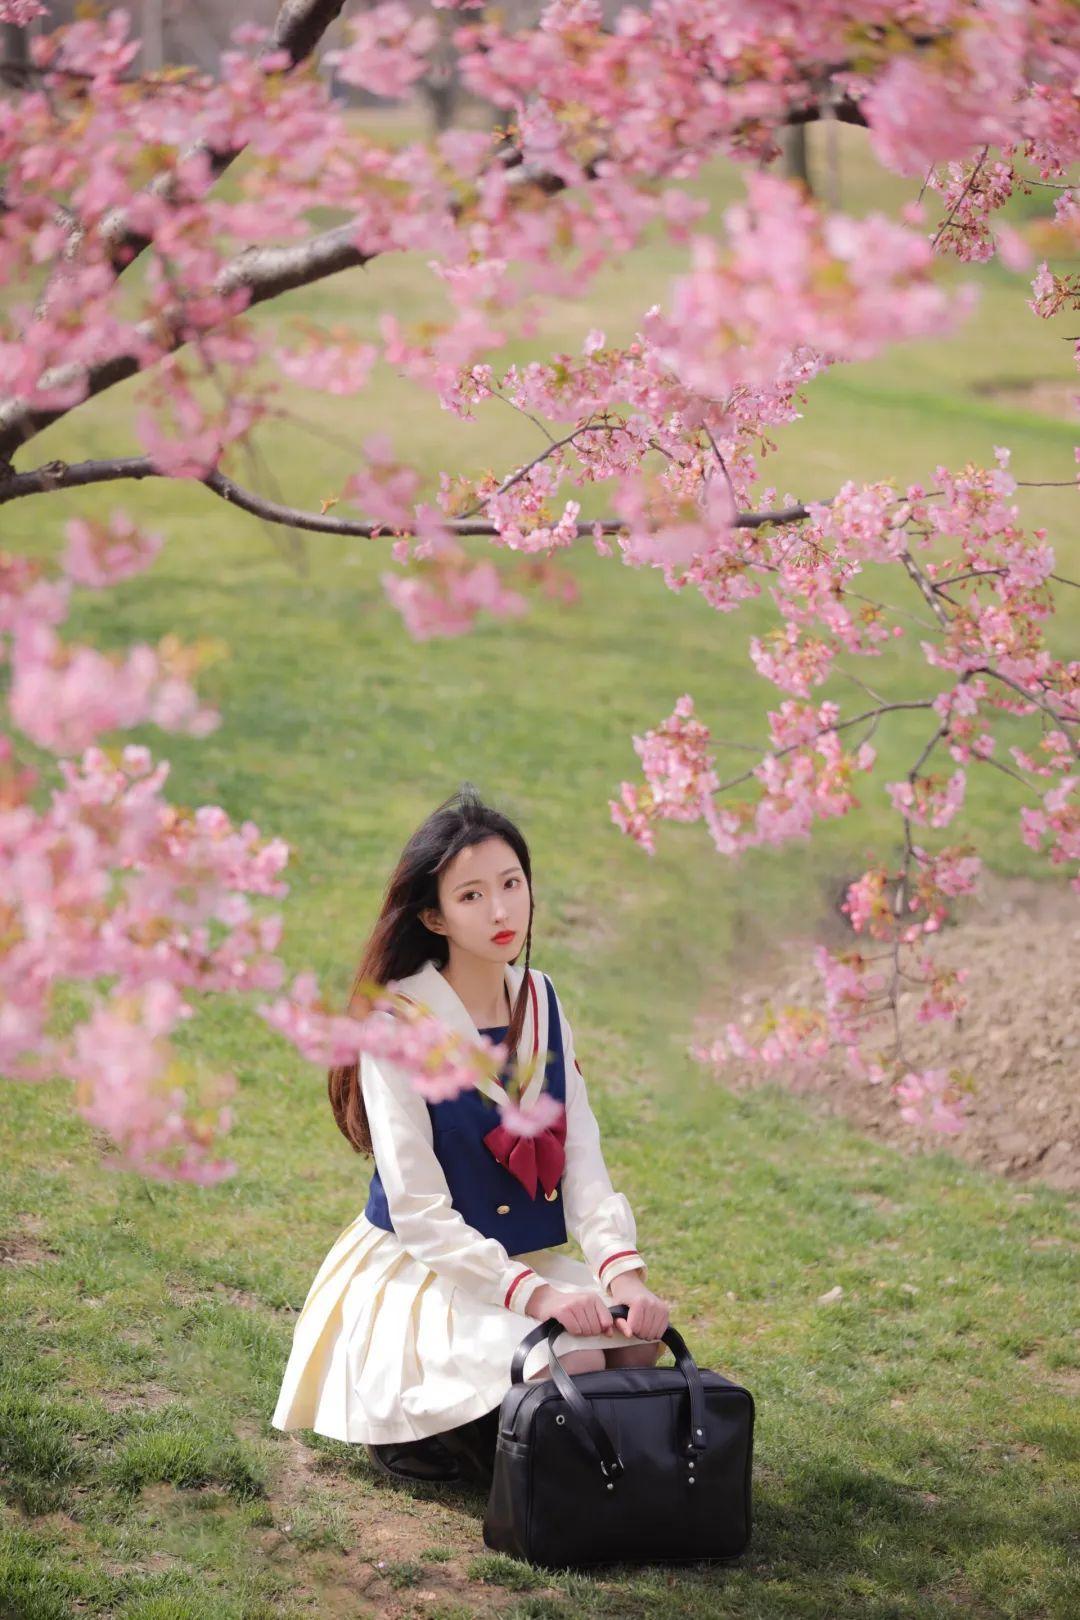 妹子摄影 – 粉粉的日系少女樱花树下写真_图片 No.12